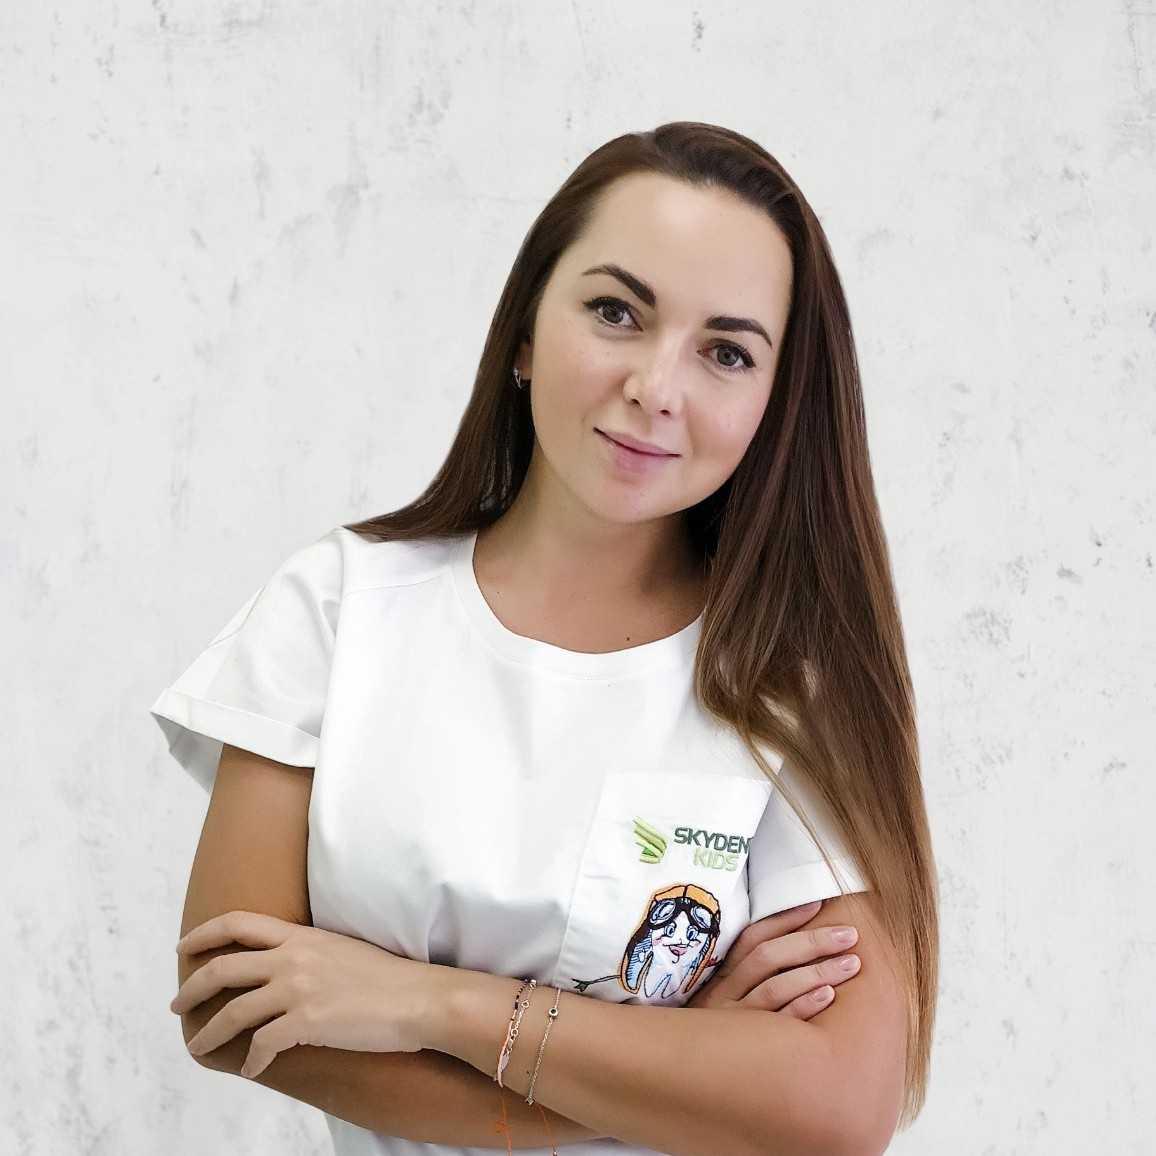 Томчик Анастасия Александровна - фотография